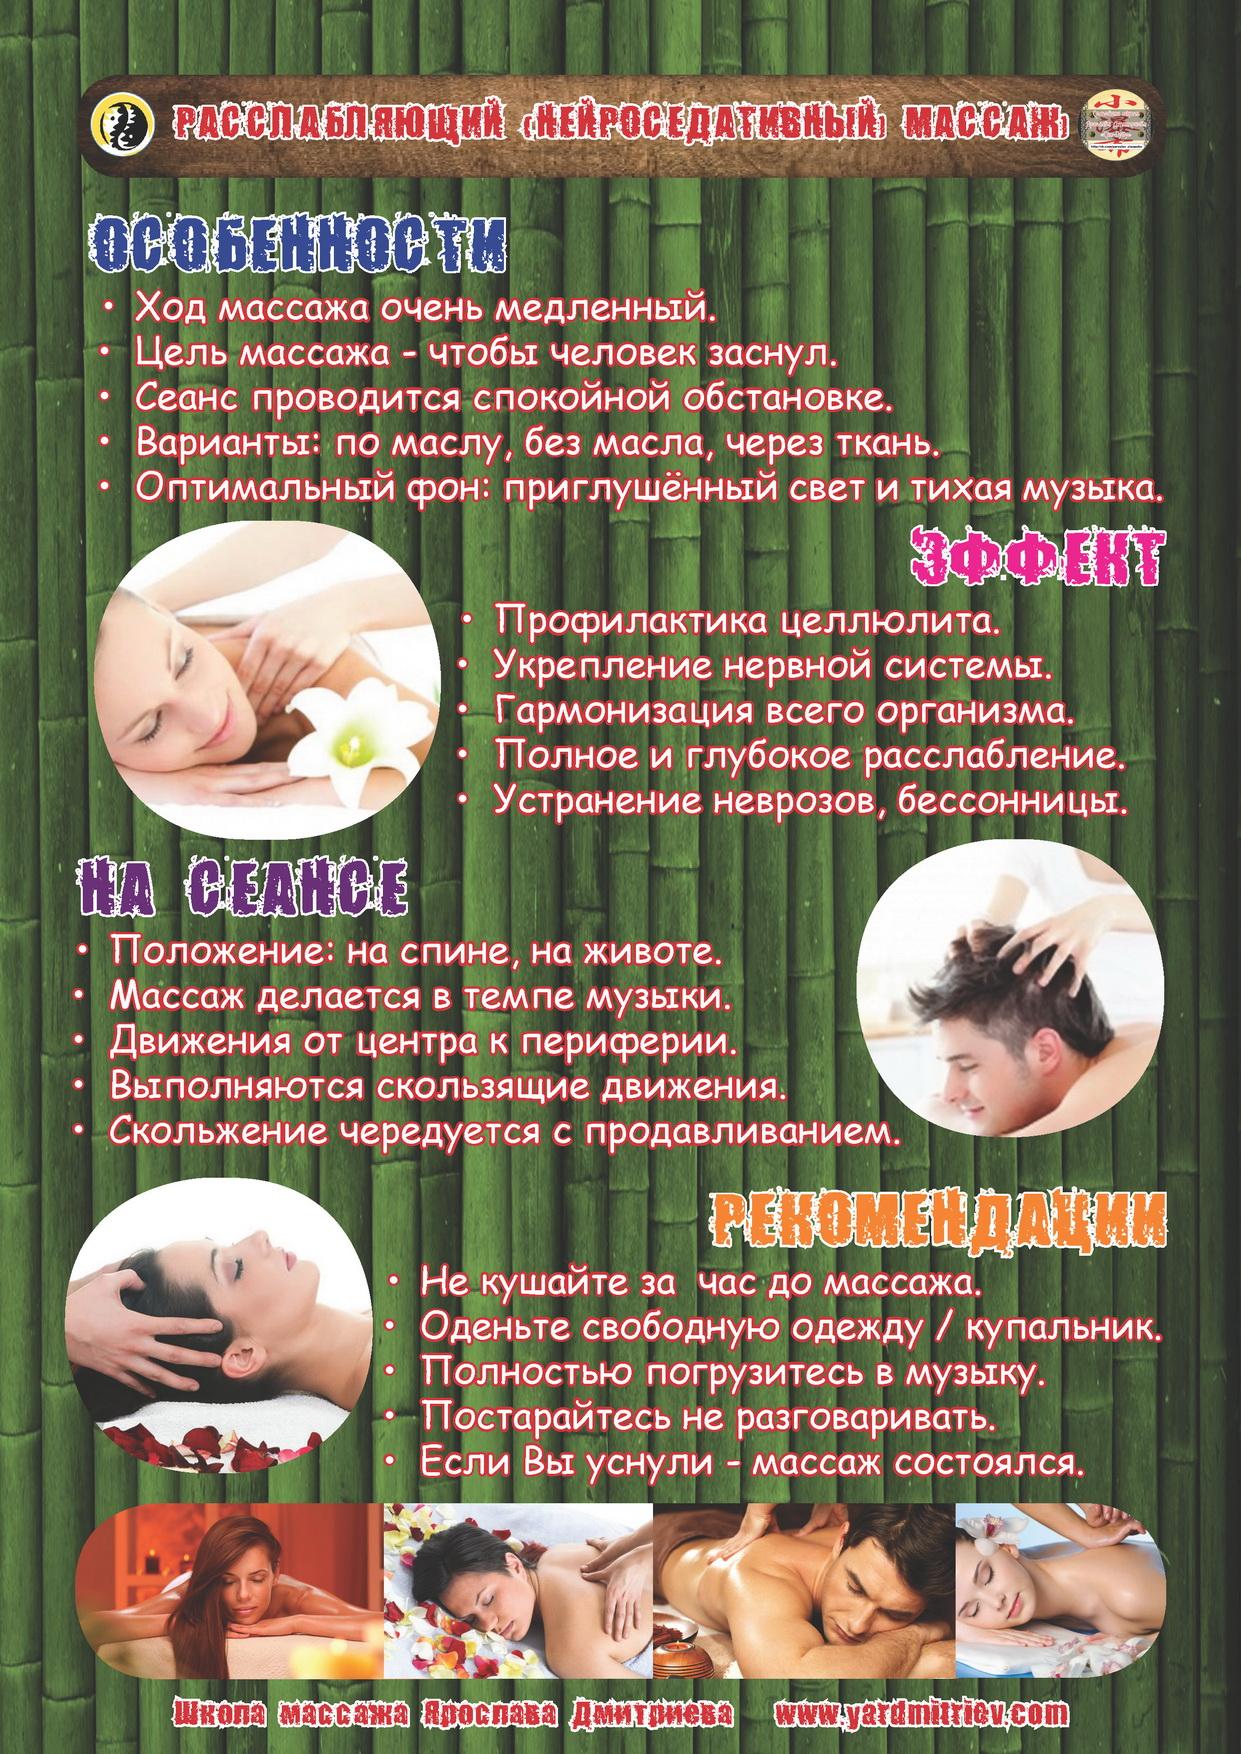 Расслабляющий (нейроседативный) массаж